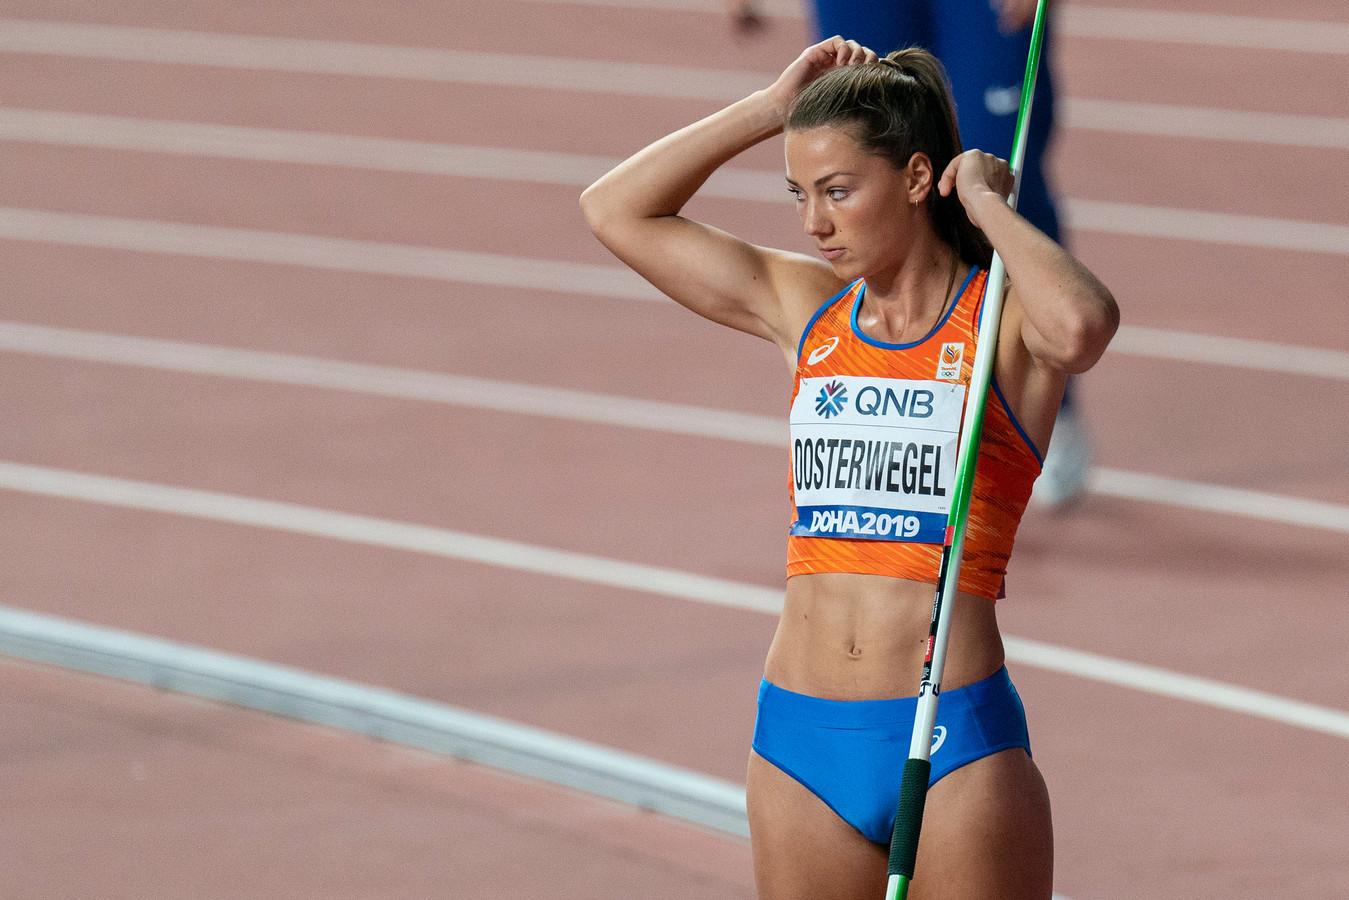 Emma Oosterwegel met de speer.